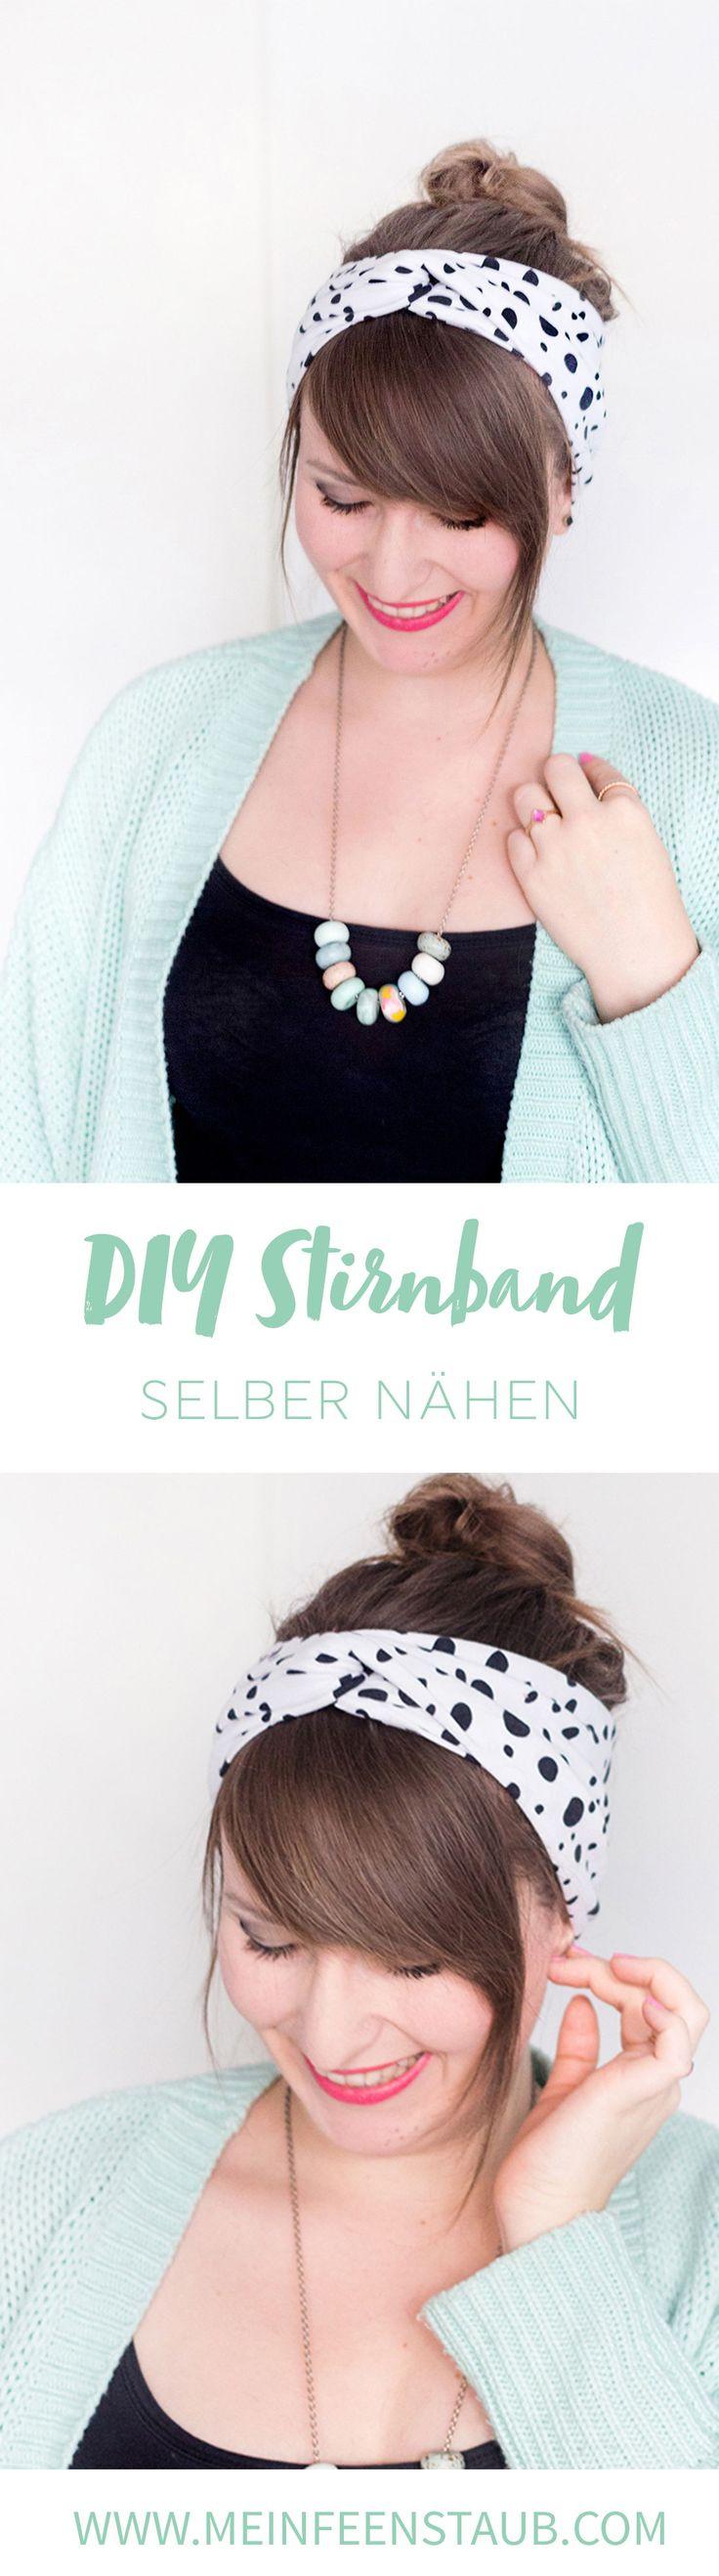 Kreative DIY-Idee zum Selbermachen: Einfaches Turban-Stirnband oder Turban-Haarband nähen - aus Jersey oder Sommersweat ganz einfach selbst genäht mit Step-by-Step-Anleitung